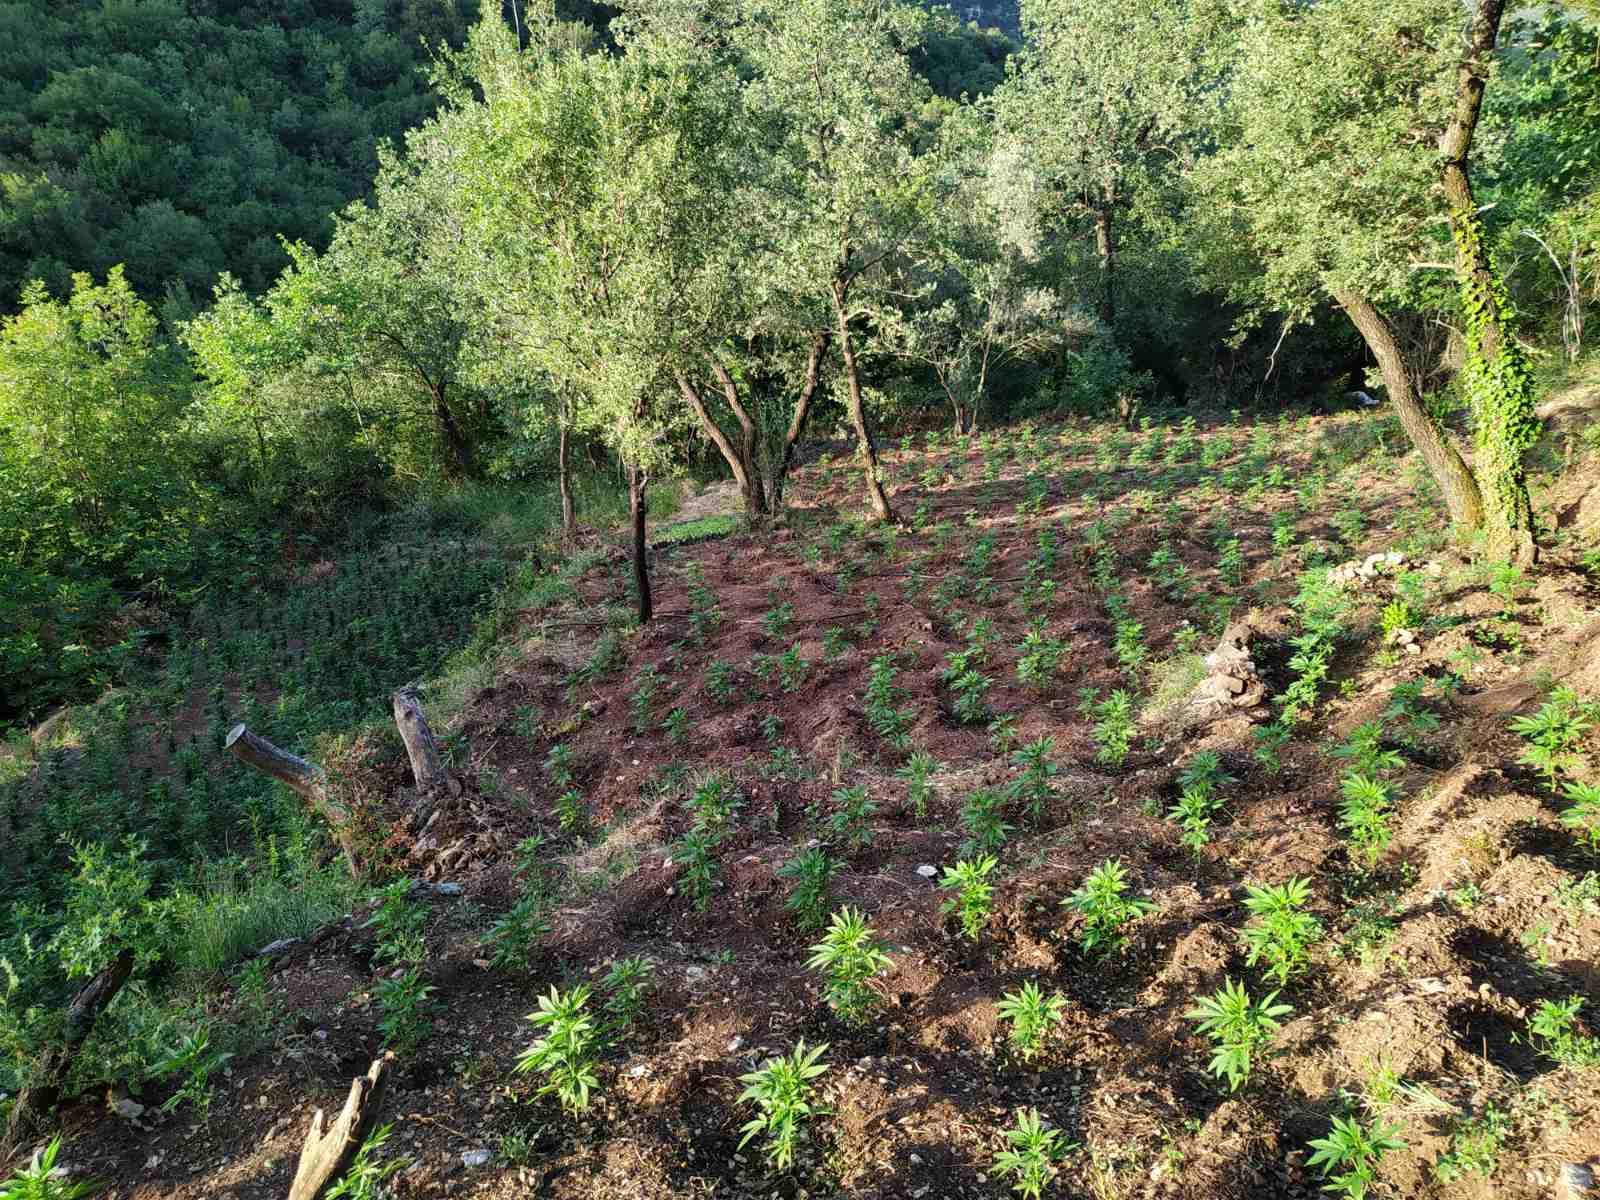 28-6-2021 Εντοπίστηκε μεγάλη οργανωμένη φυτεία κάνναβης, με (4.325) δενδρύλλια και φυτά σε δύσβατη δασική περιοχή της Ανδρίτσαινας (1)